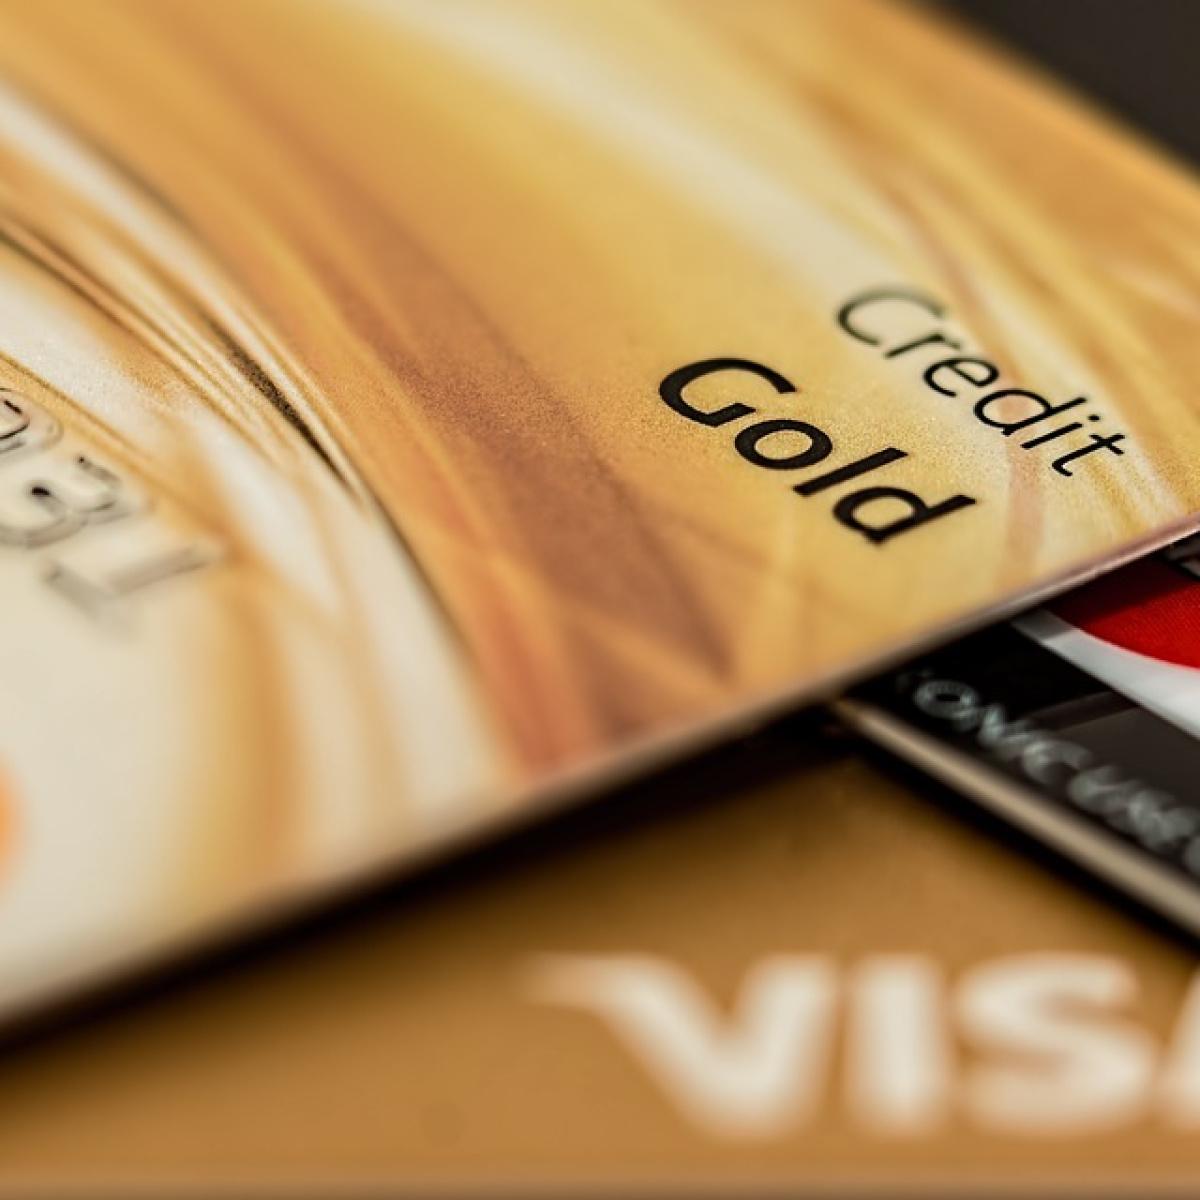 золото в кредит воронеж займы на киви кошелек без отказов круглосуточно и без привязки карты с плохой кредитной историей